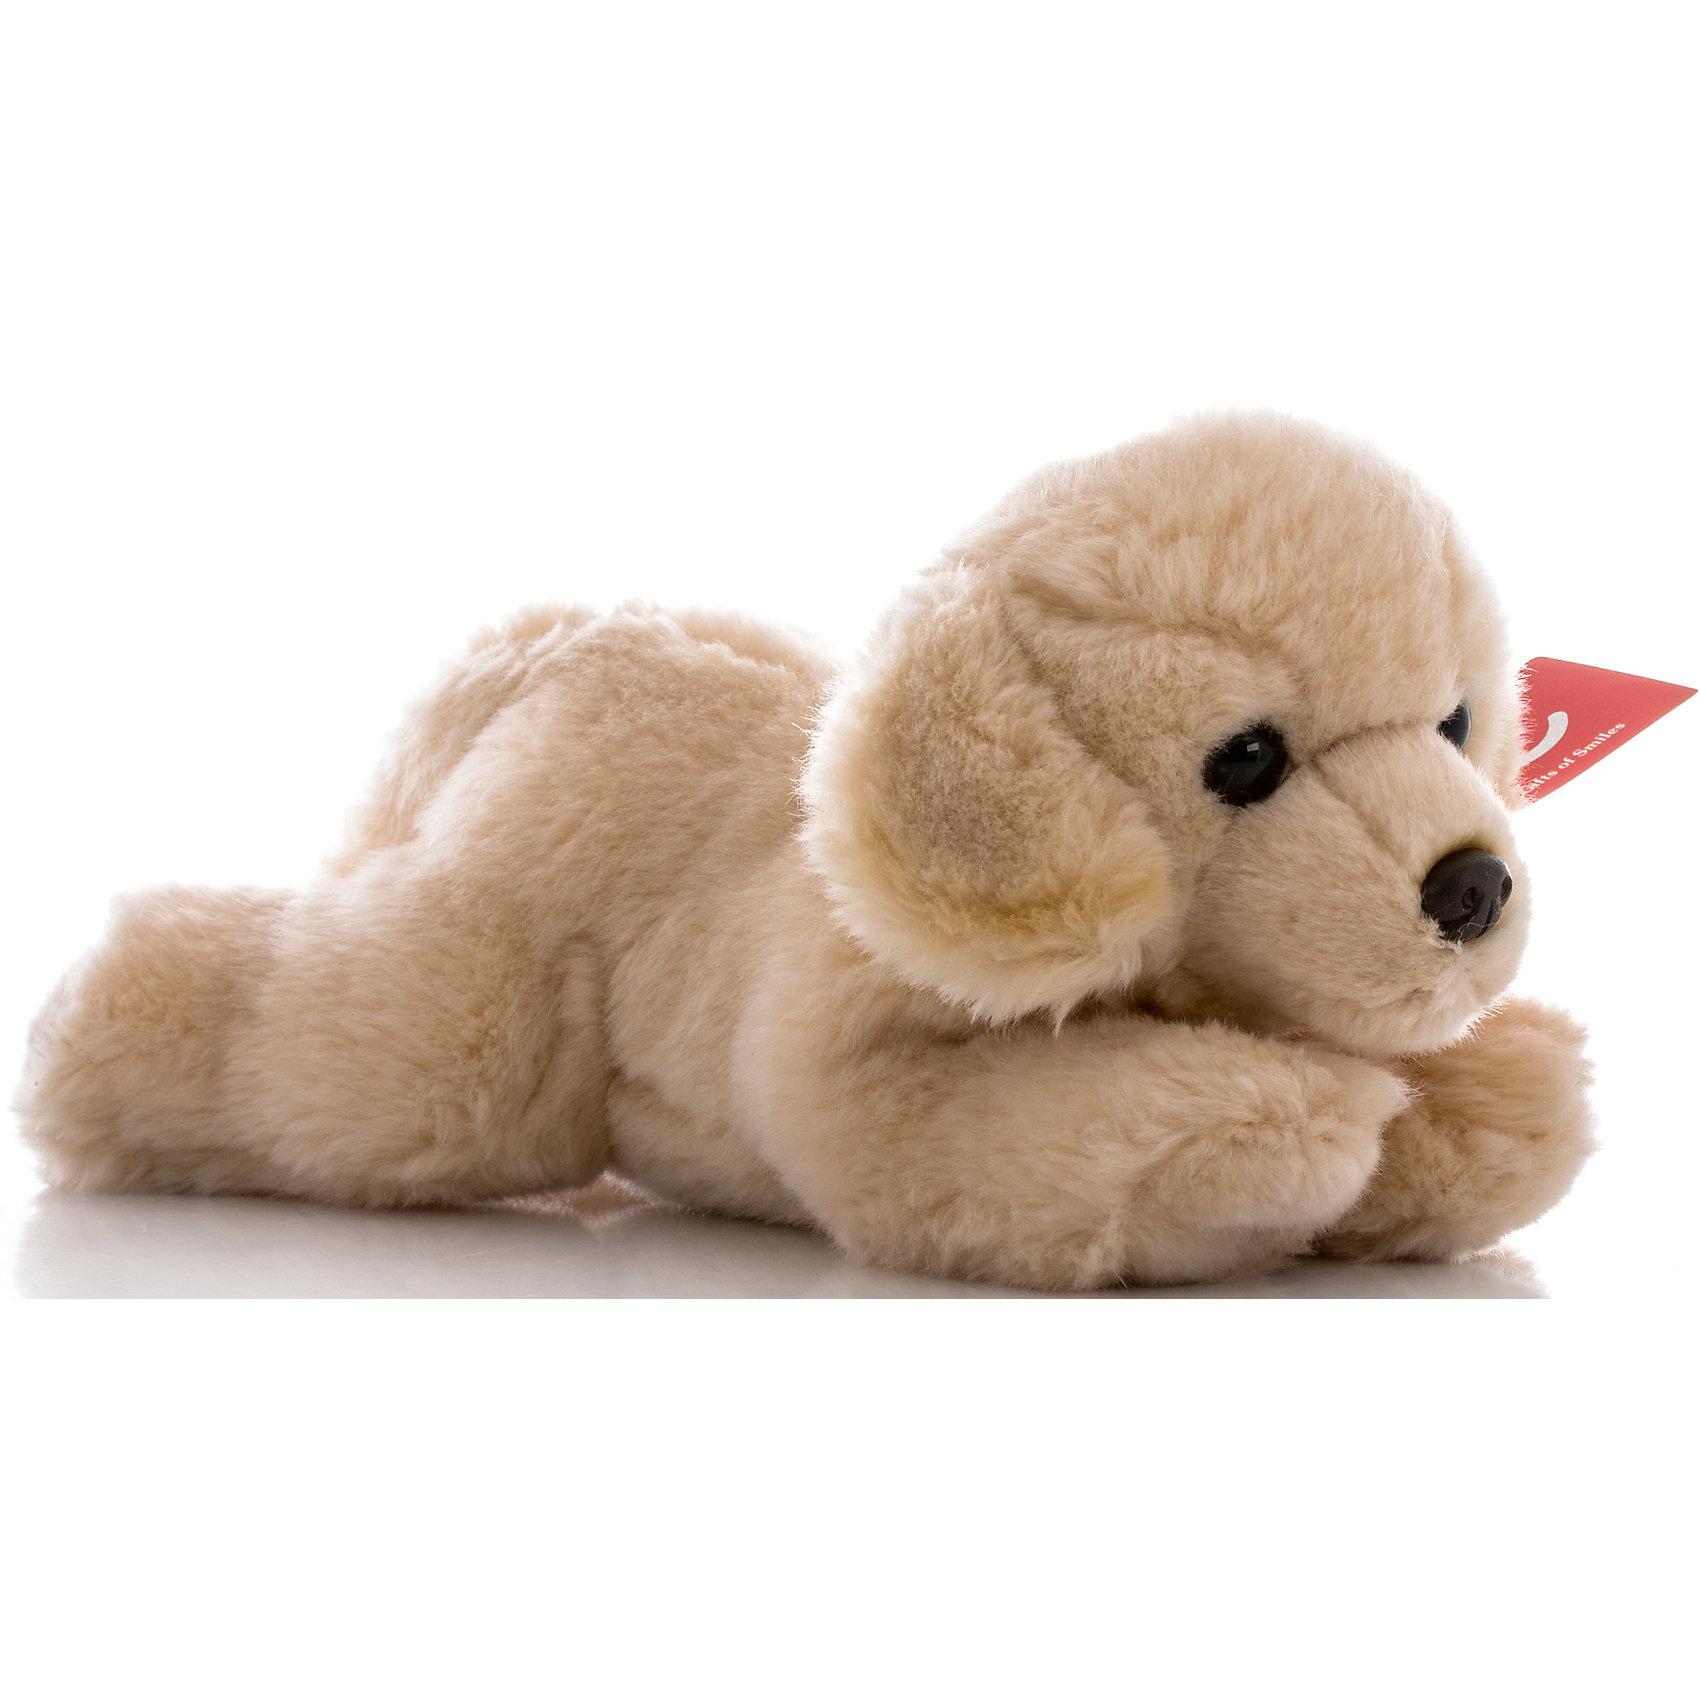 Мягкая игрушка Палевый лабрадор, 28 см, AURORAКрасивый щенок с мягкой кремовой шерсткой будет прекрасным подарком для Вашего ребенка!<br><br>Дополнительная информация:<br><br>- Возраст: от 3 лет.<br>- Материал: плюш, синтепон.<br>- Высота игрушки: 28 см.<br><br>Купить мягкую игрушку Палевый лабрадор можно в нашем магазине.<br><br>Ширина мм: 280<br>Глубина мм: 110<br>Высота мм: 140<br>Вес г: 253<br>Возраст от месяцев: 36<br>Возраст до месяцев: 120<br>Пол: Унисекс<br>Возраст: Детский<br>SKU: 4929042